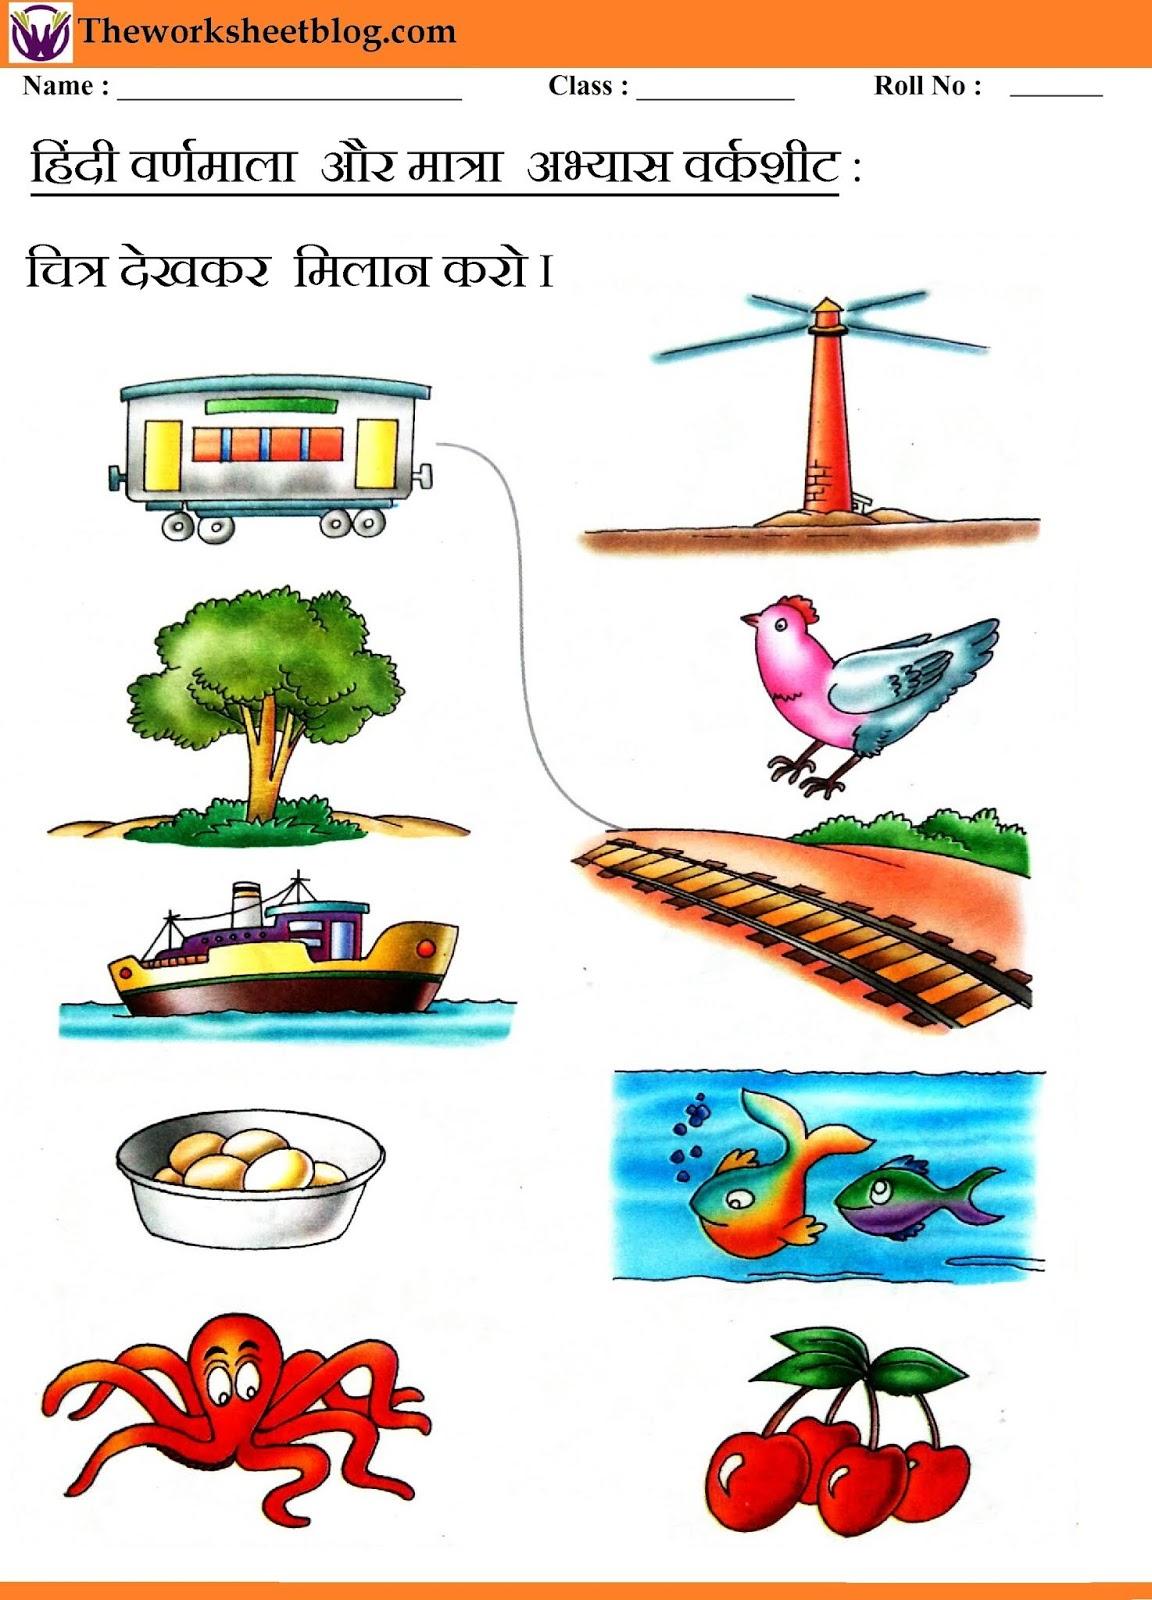 Hindi Matra Gyan Worksheets